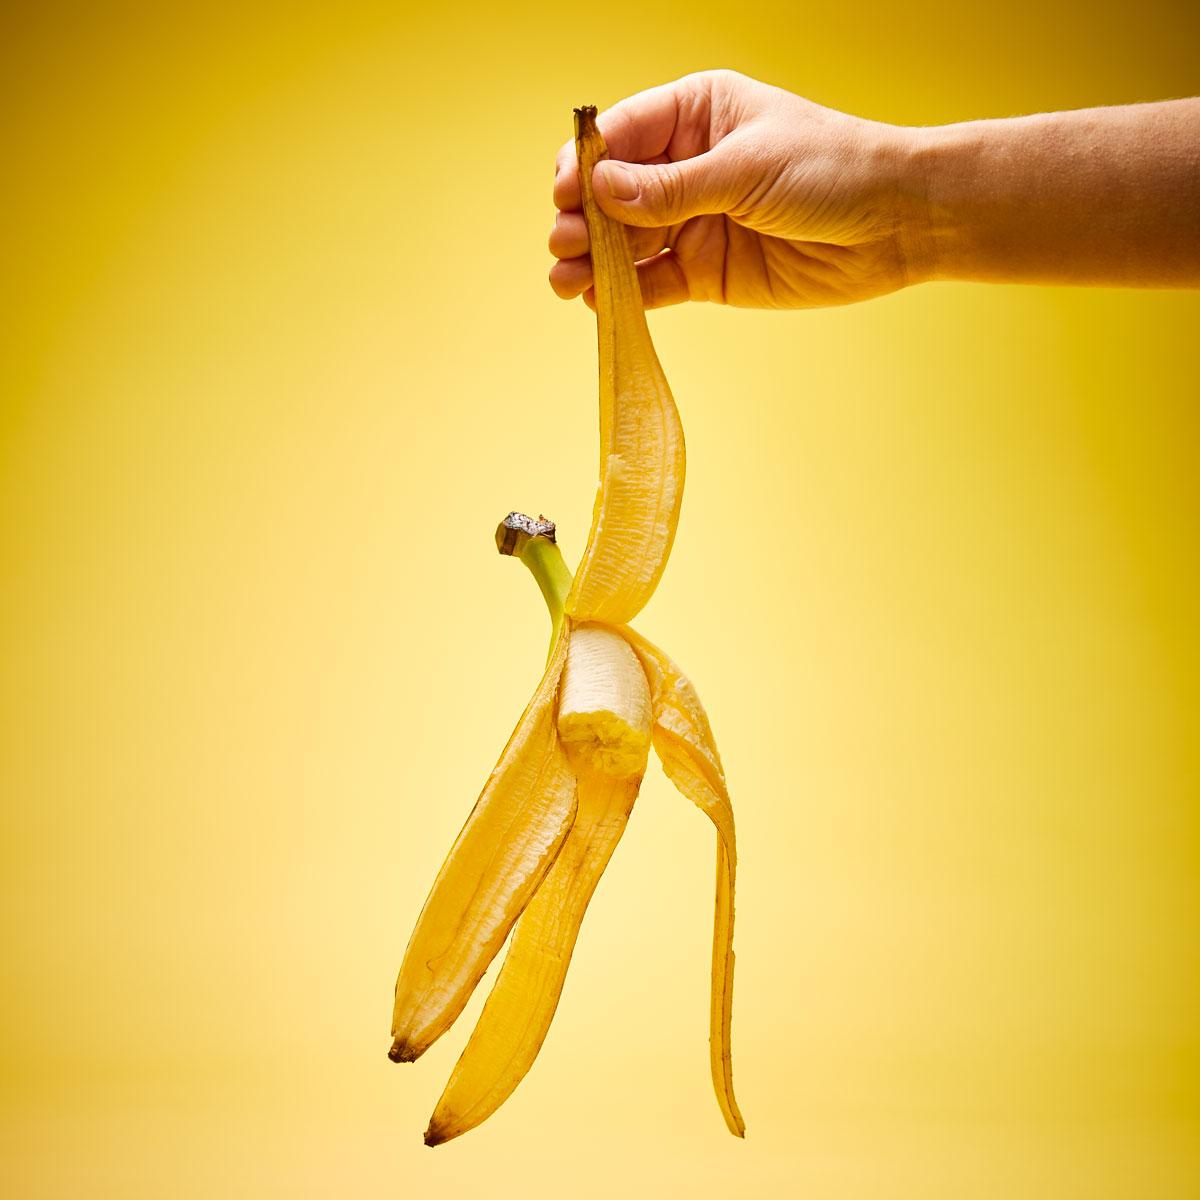 Beyond the Banana